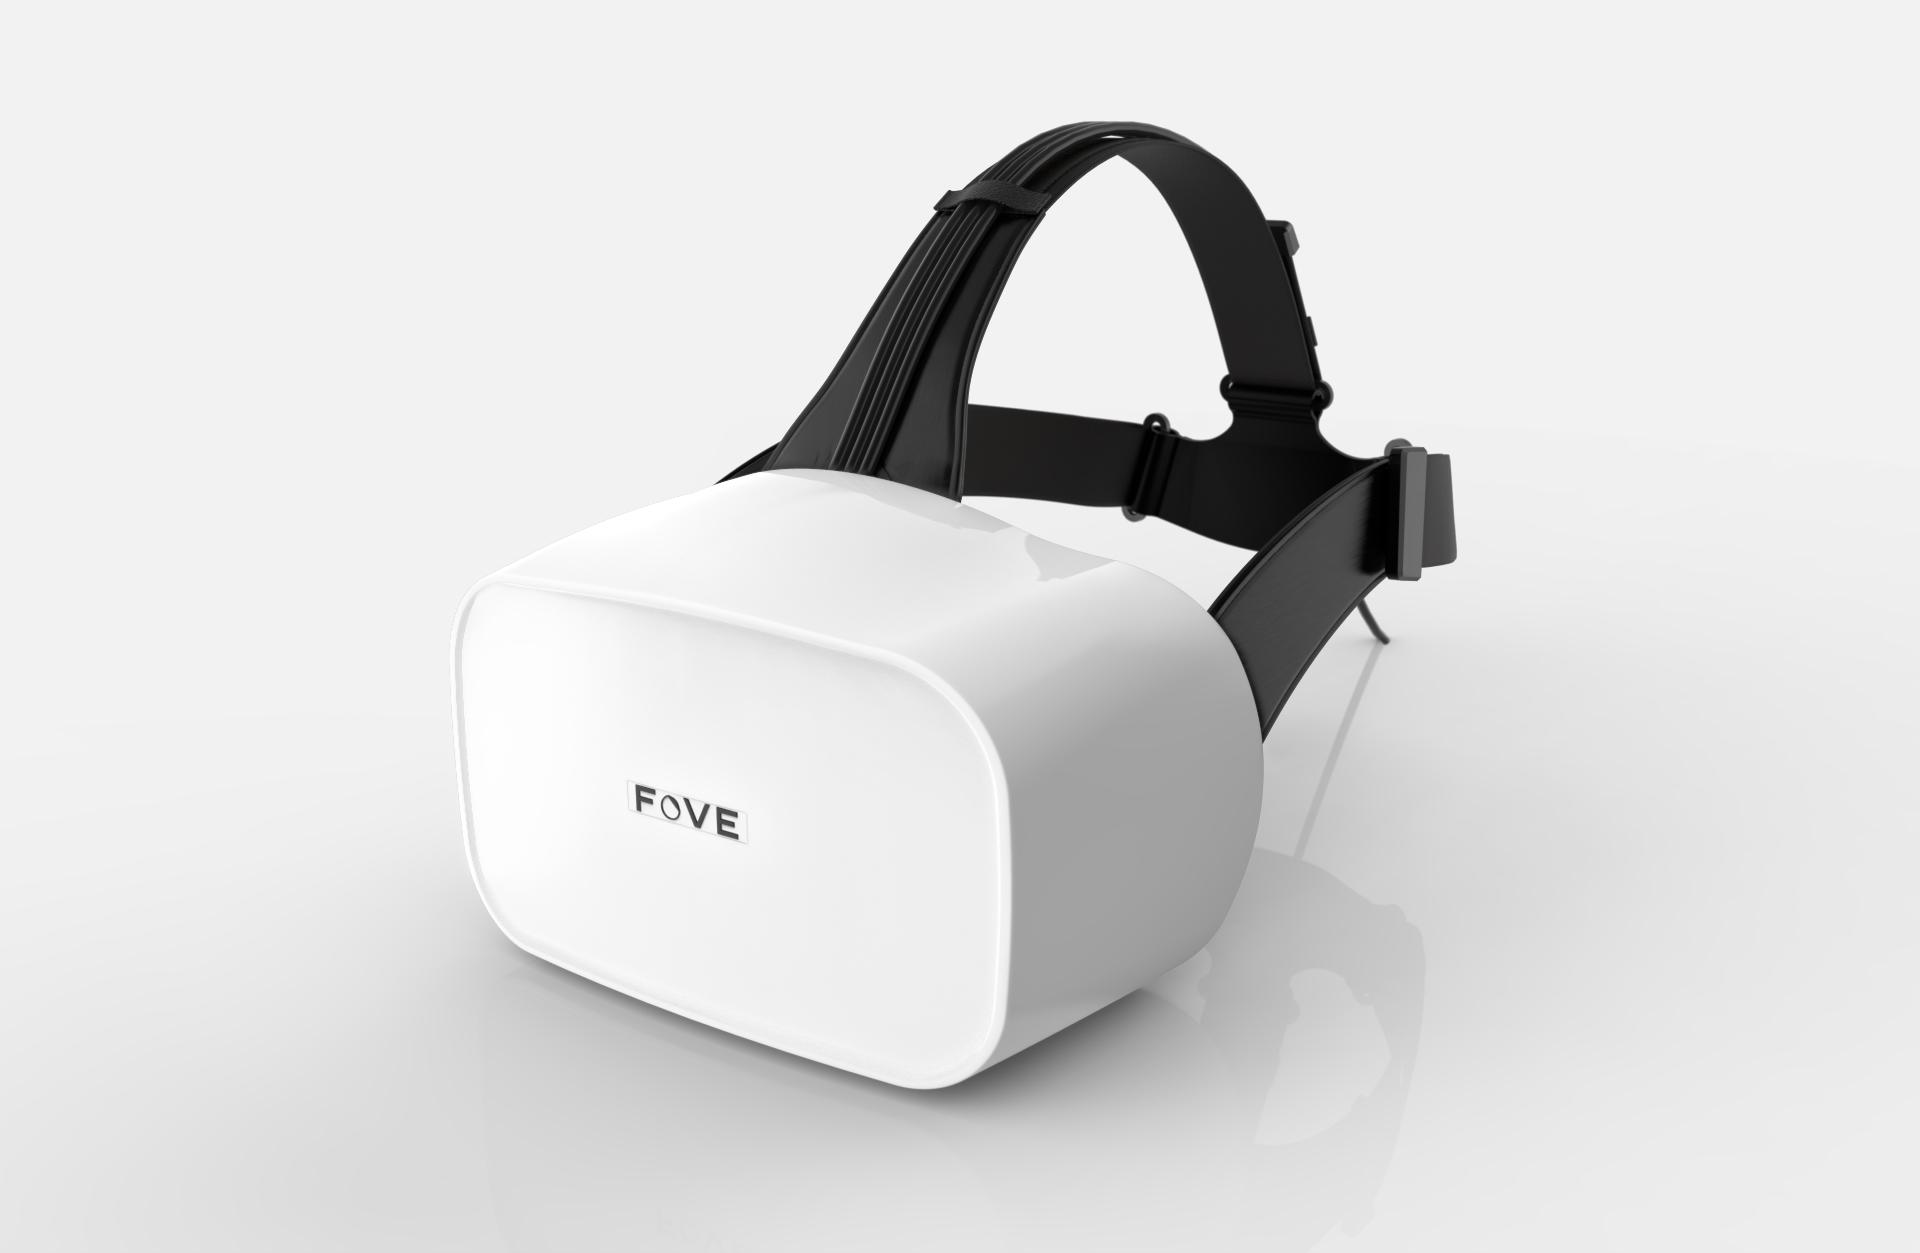 VRヘッドセット『FOVE 0』が『劇場版 ソードアート・オンライン』とコラボ